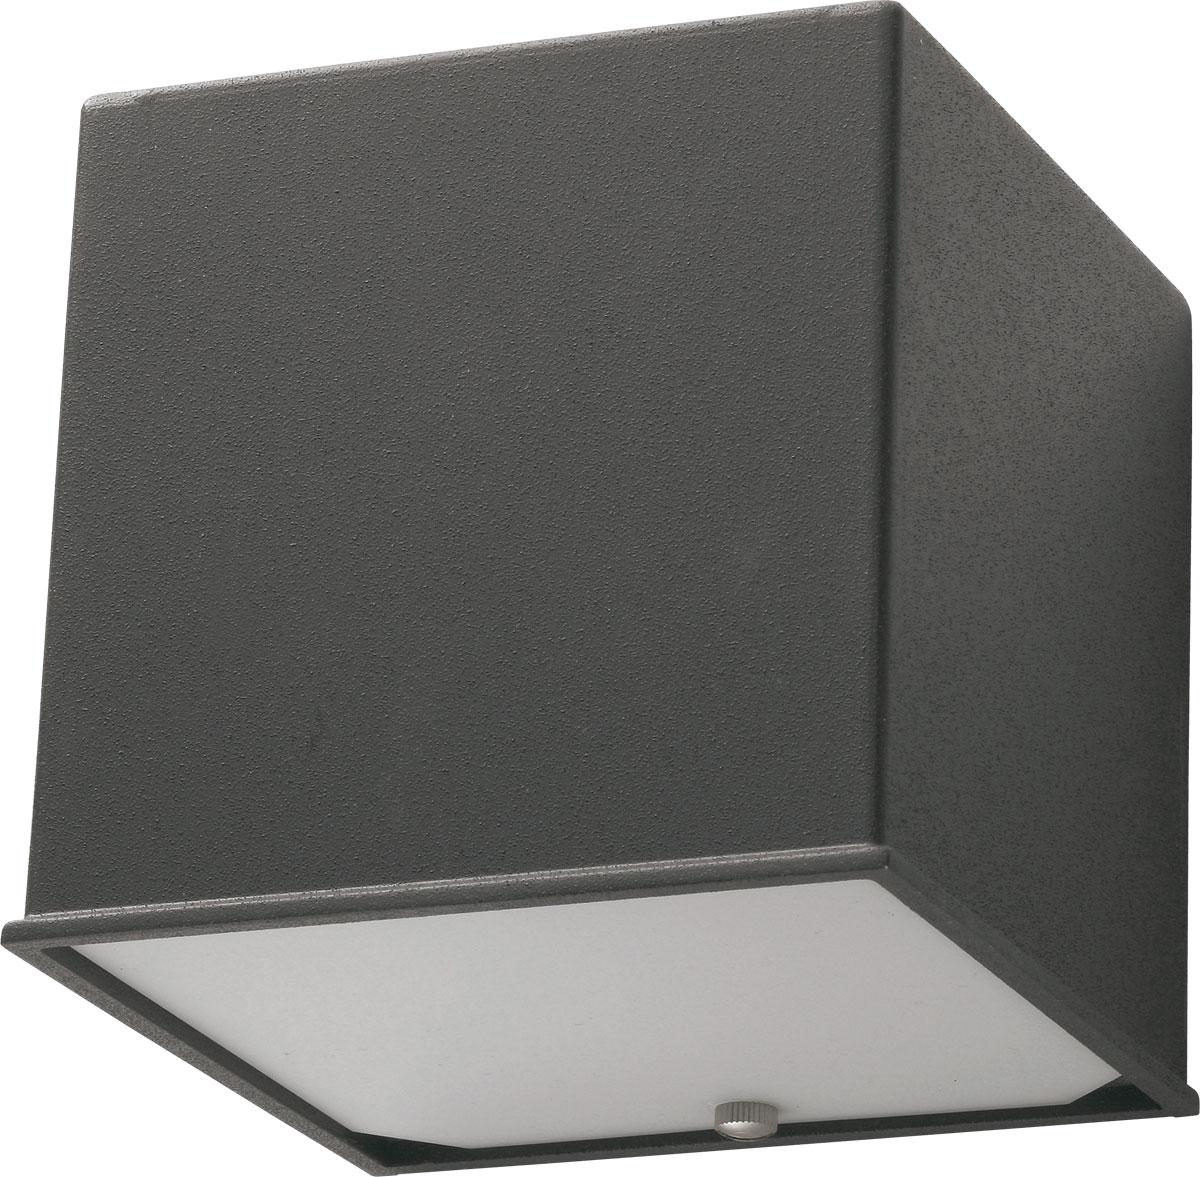 LEDライト【Cube(キューブ)】ダークグレー[宅配便]